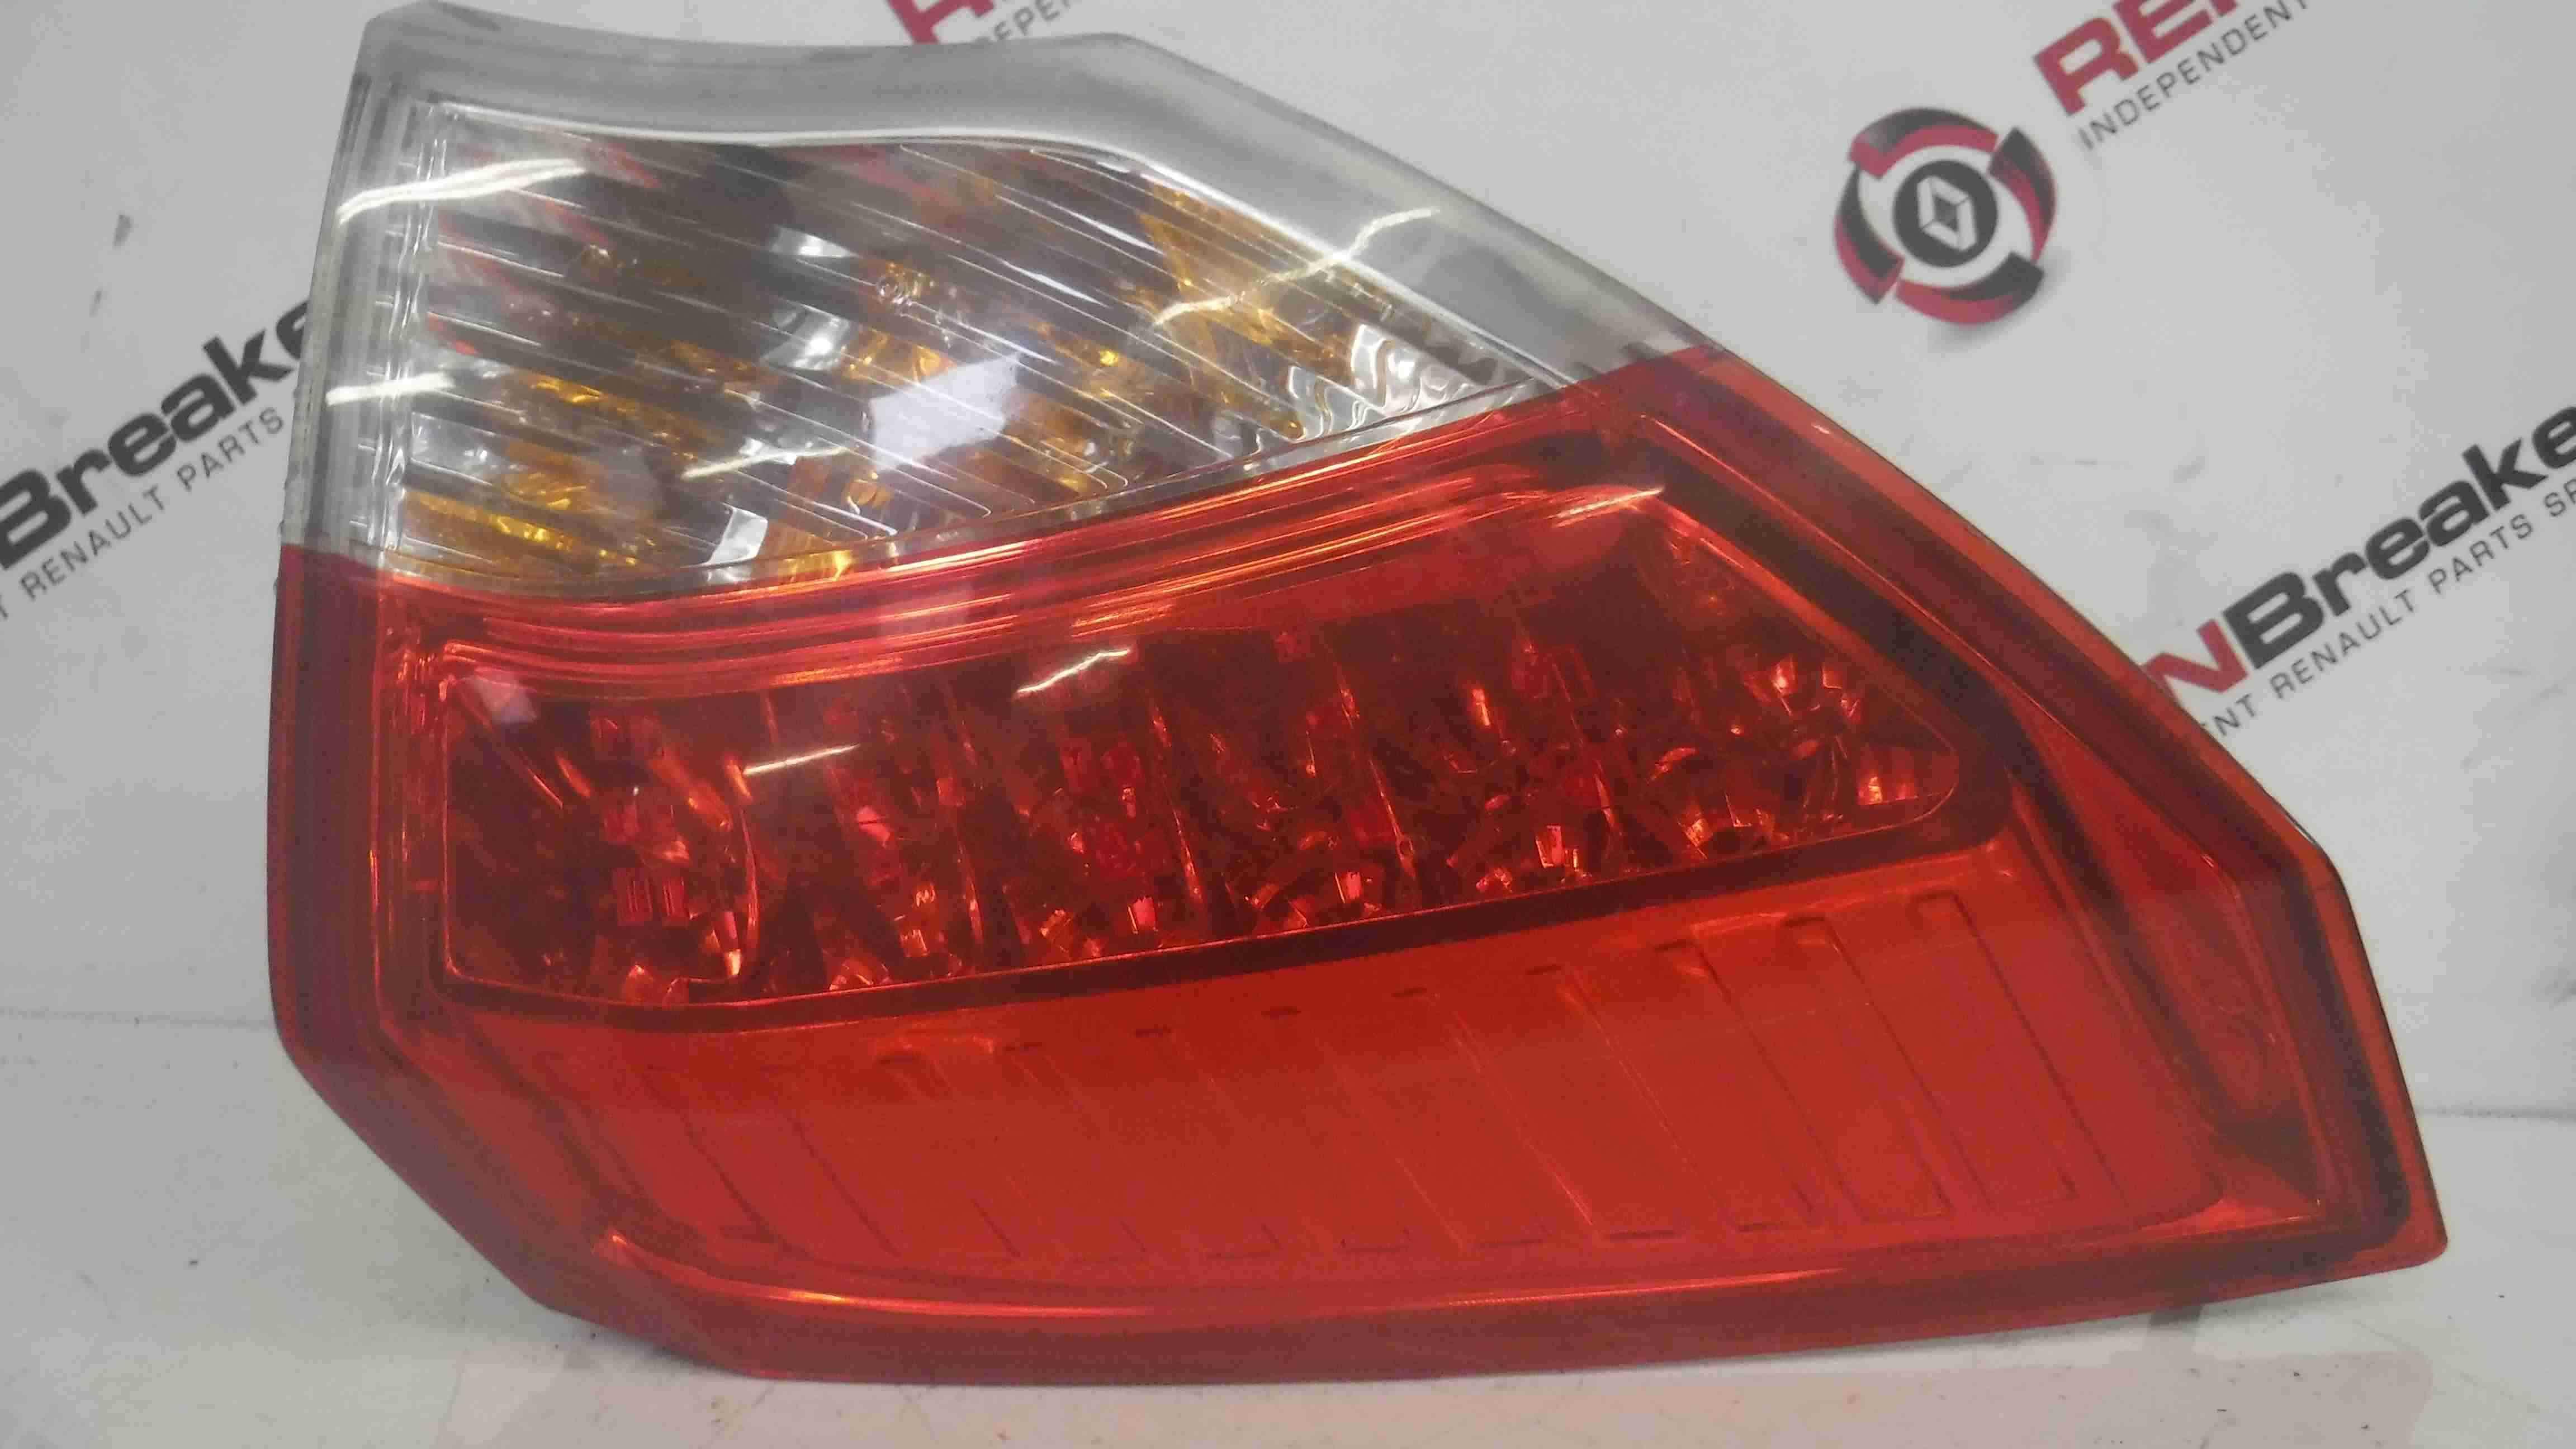 Renault Laguna Hatchback MK3 2007-2010 Passenger NSR Body Rear Light 265550001R